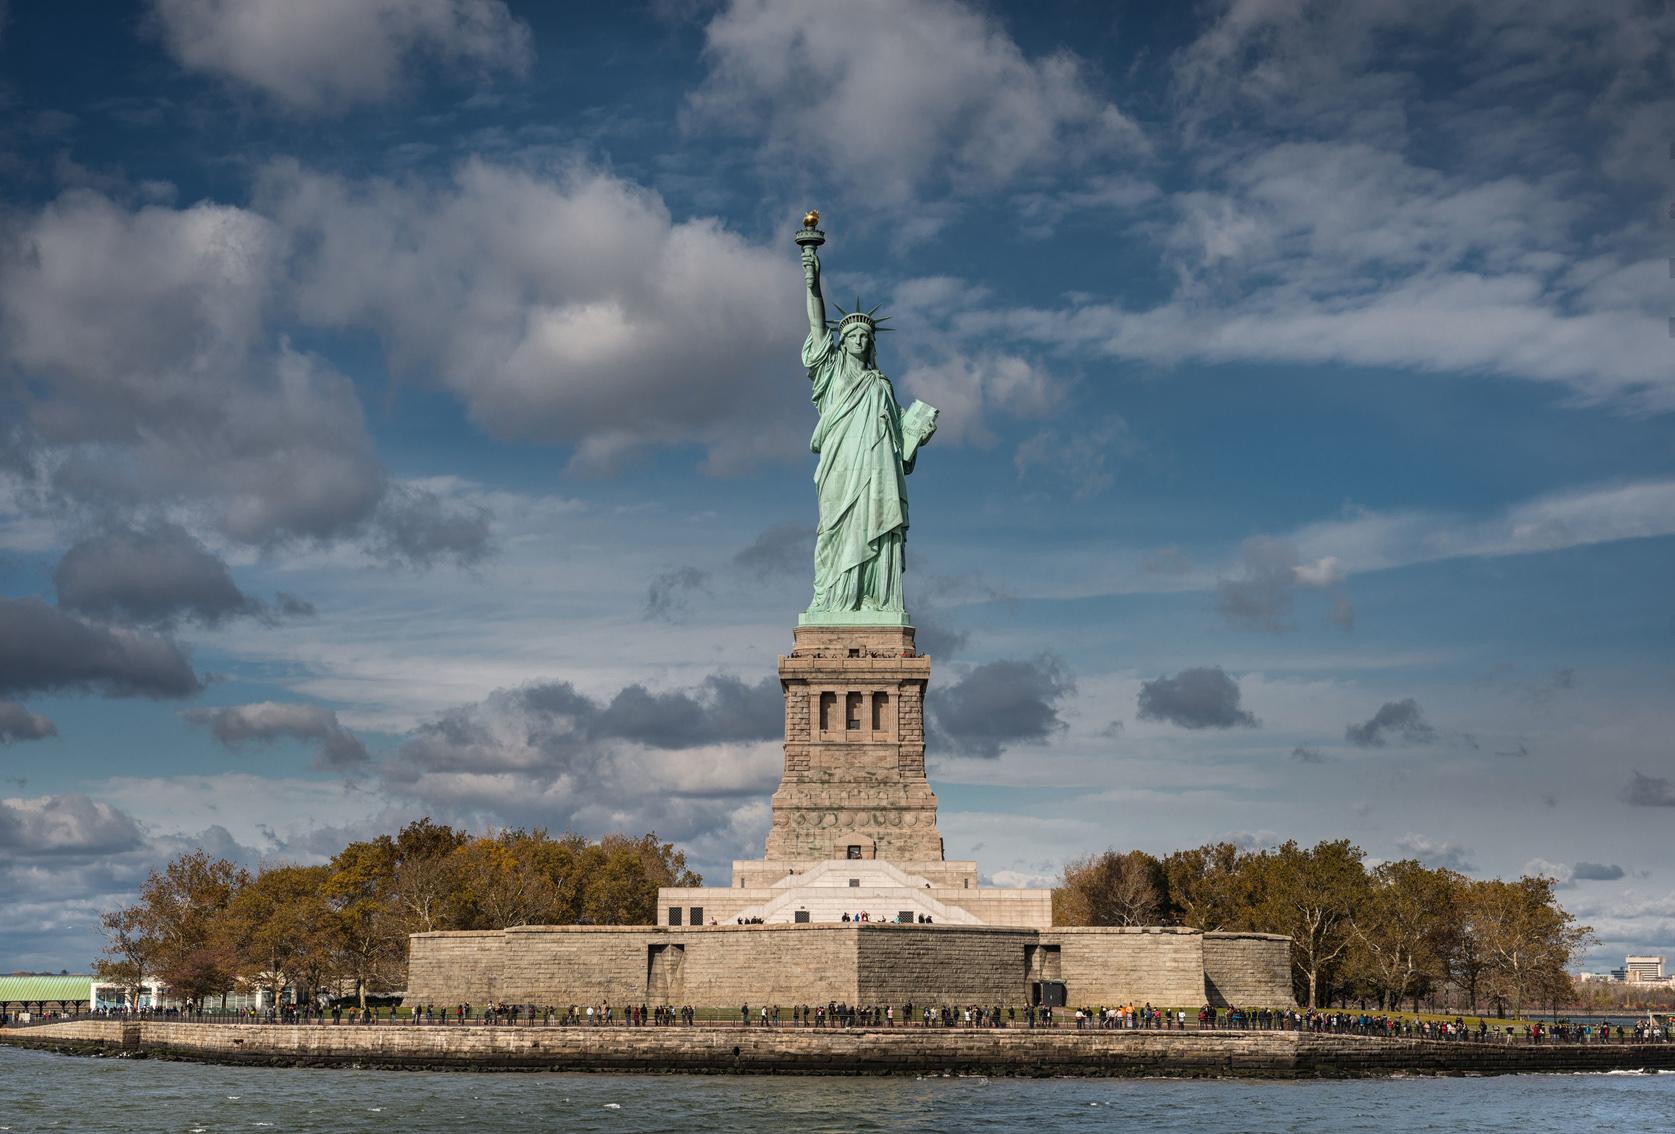 Liberty Station, Statue of Liberty